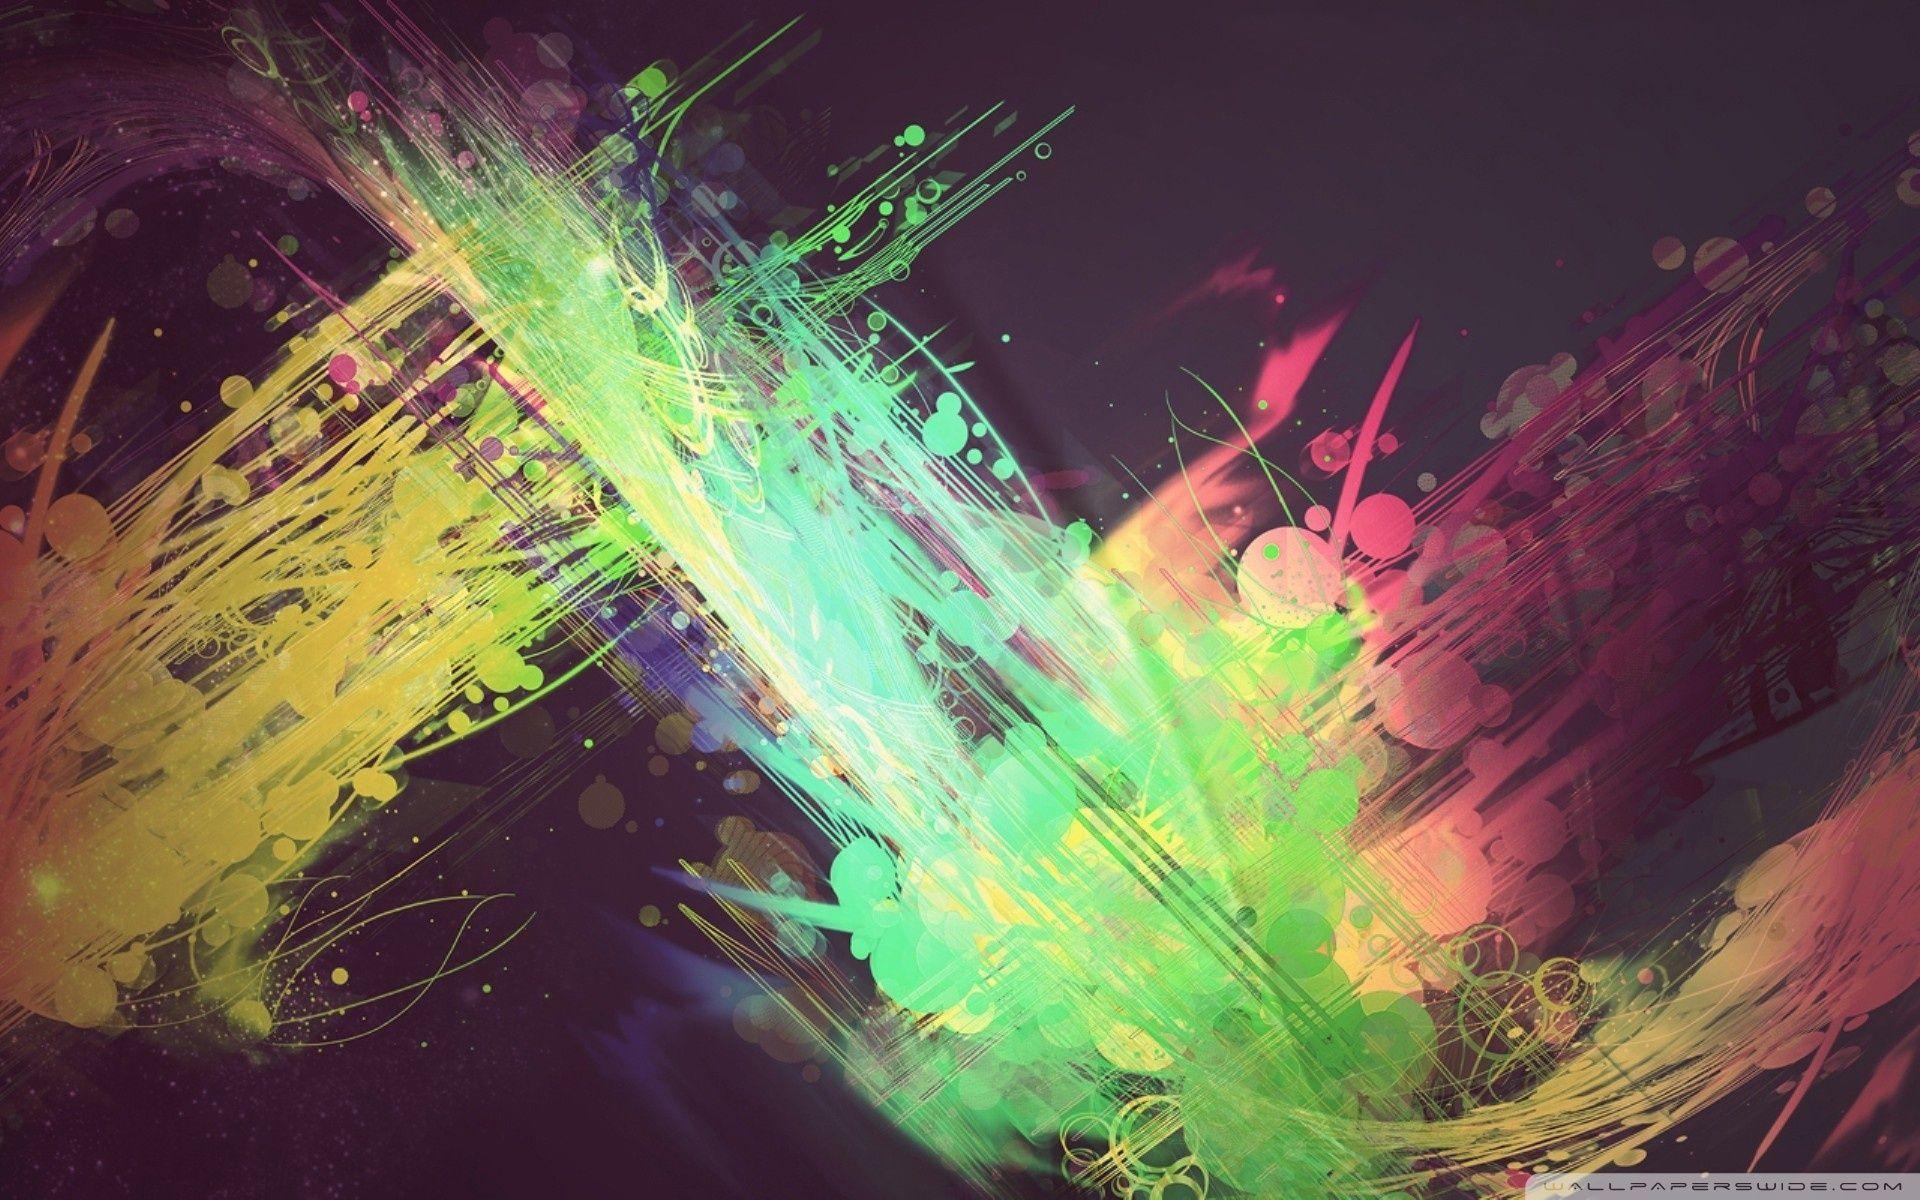 17 Creative Art Wallpaper Will Amaze You Desktop Backgrounds Art Wallpaper Graphic Art Abstract